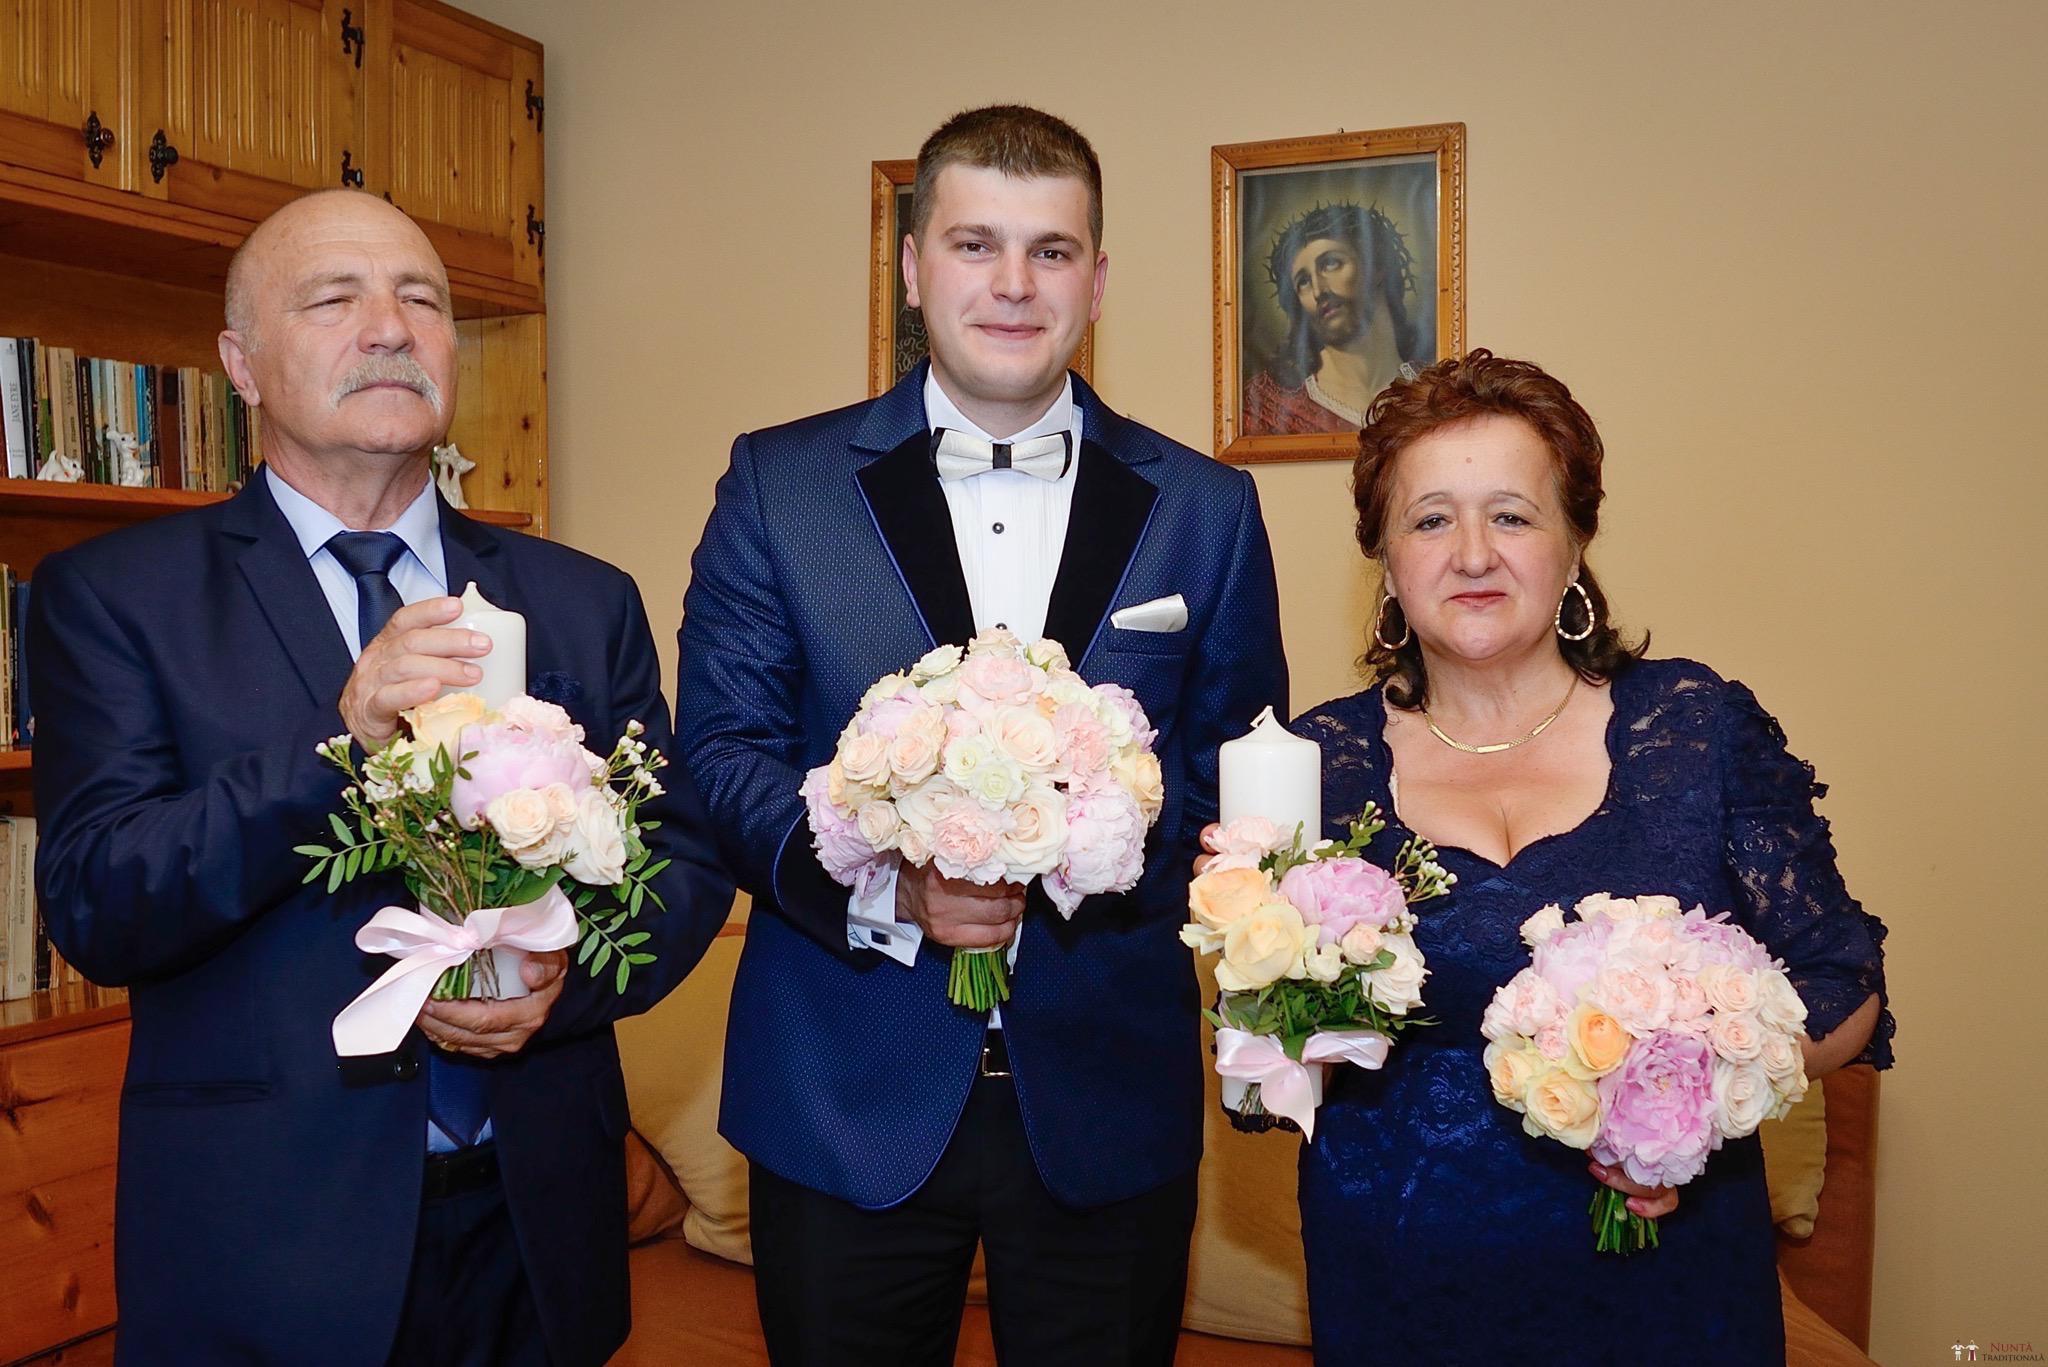 Povești Nunți Tradiționale - Constantin și Simona-Marilena. Nuntă tradițională în Căpâlna, Alba 32